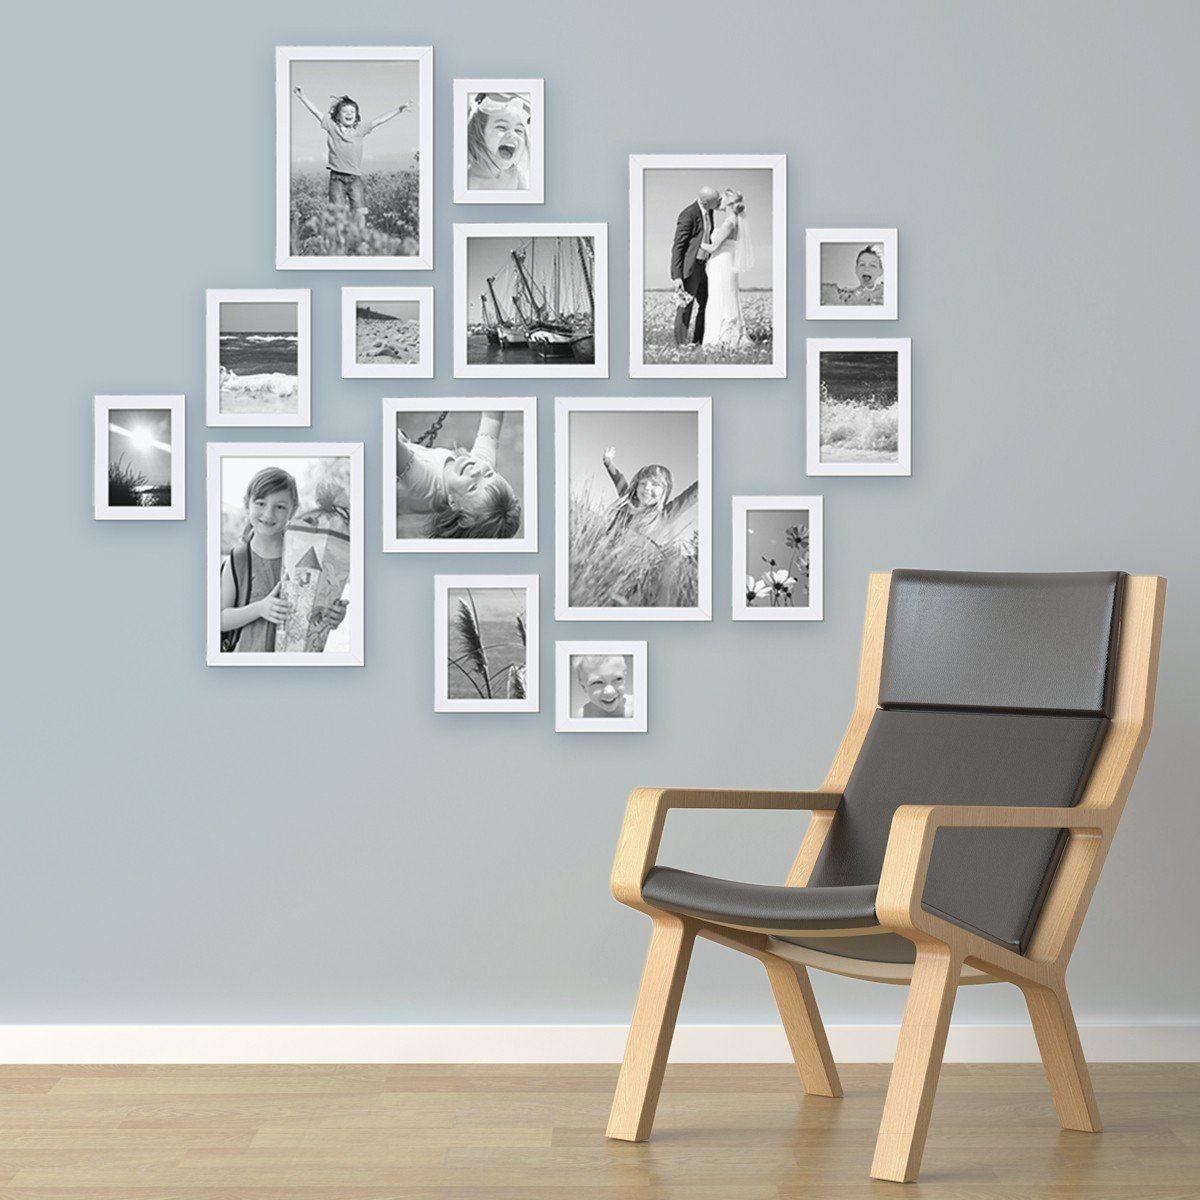 15er Set Bilderrahmen Weiss Modern Massivholz Größen 10x10, 10x15 ...